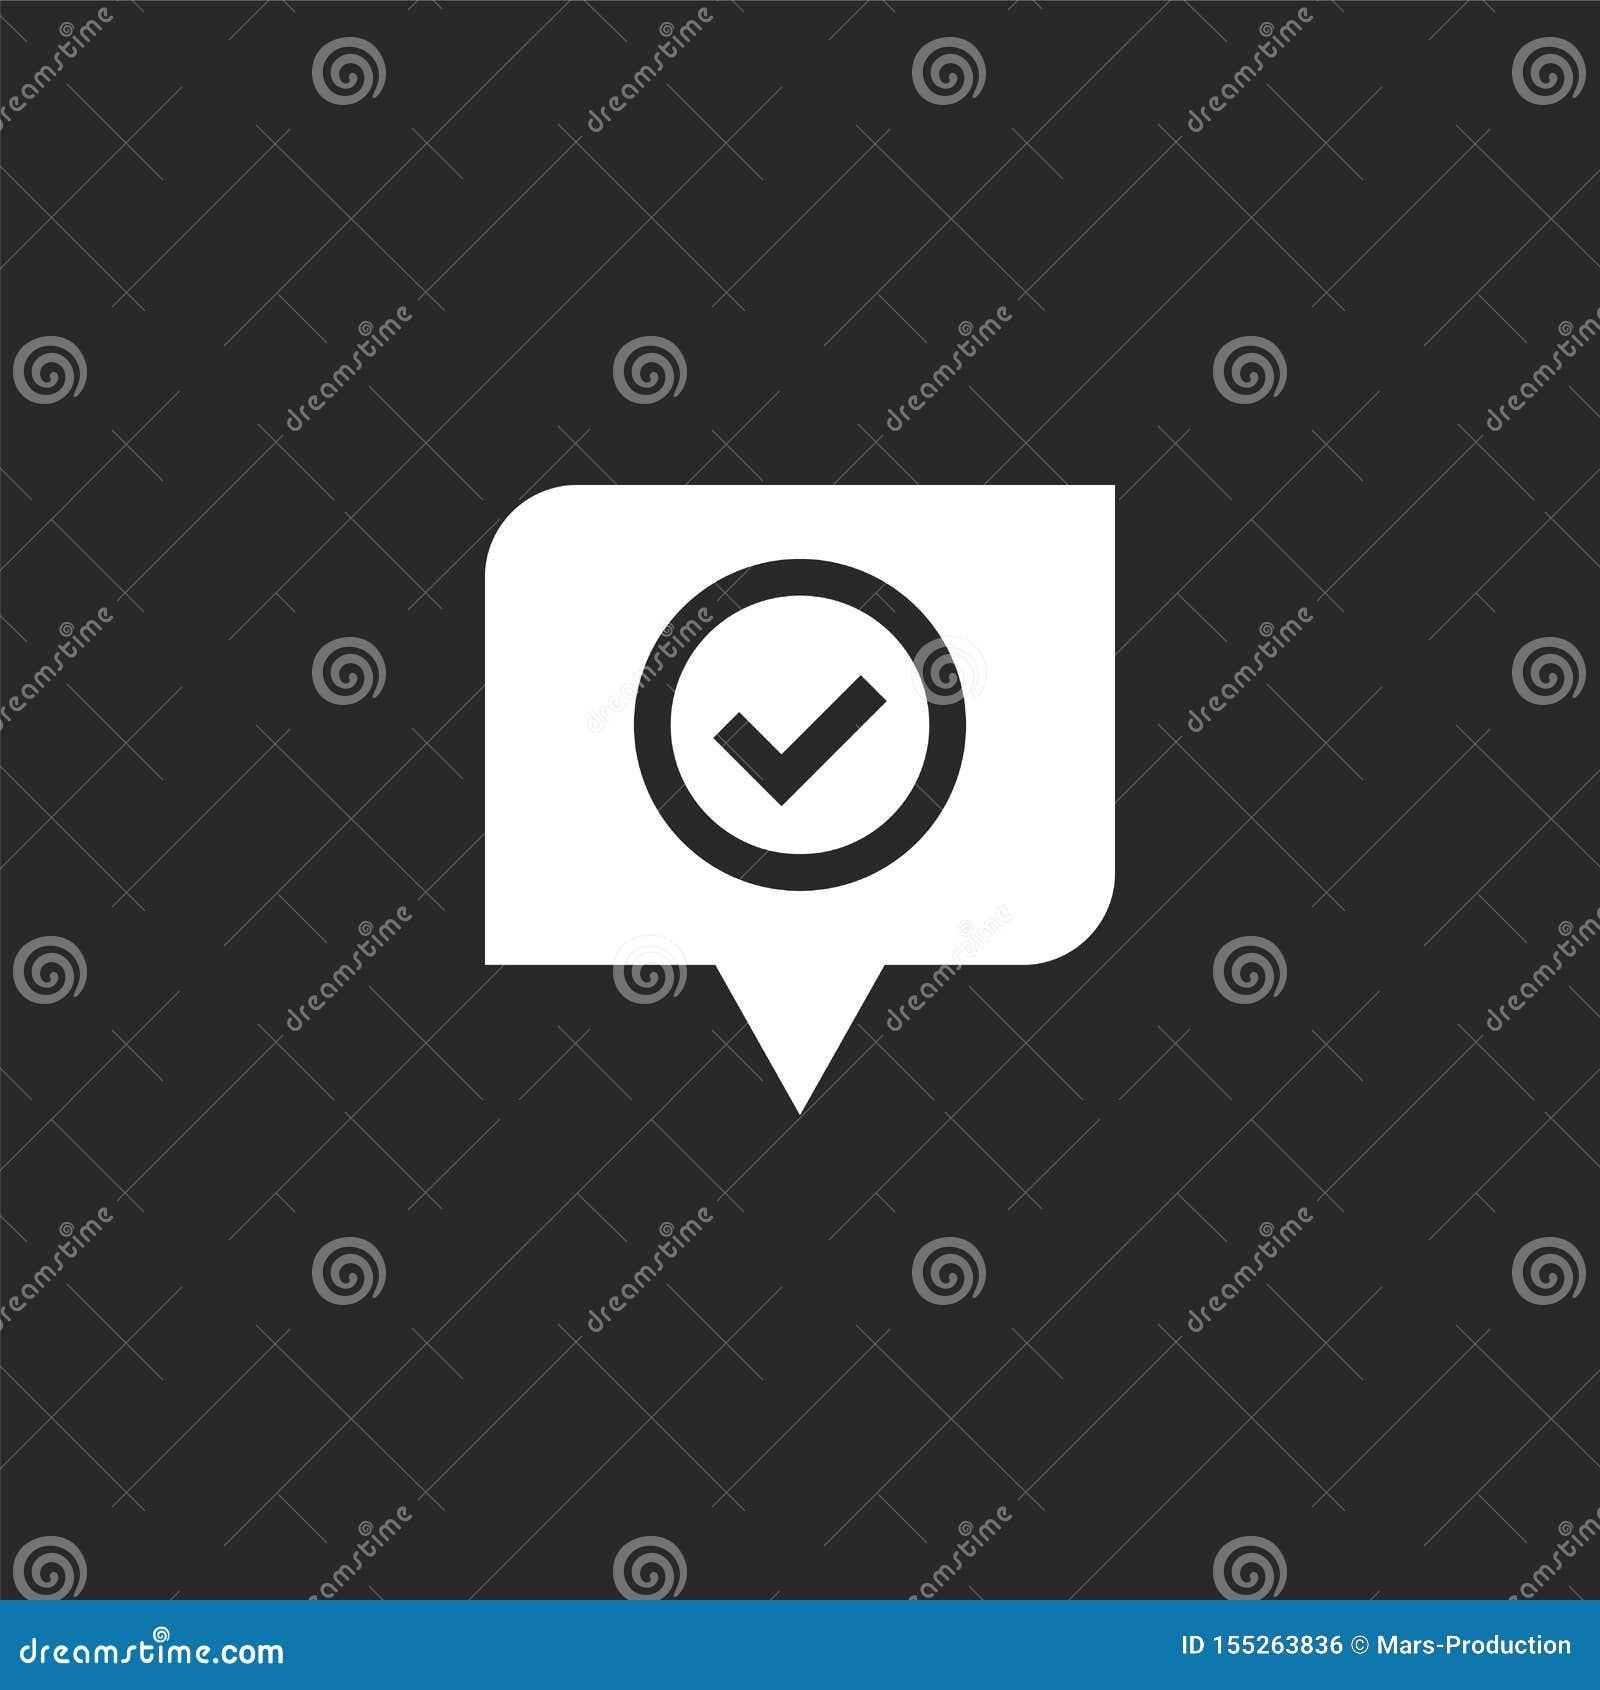 καλό εικονίδιο Γεμισμένο καλό εικονίδιο για το σχέδιο ιστοχώρου και κινητός, app ανάπτυξη το καλό εικονίδιο από γεμισμένος ανατρο